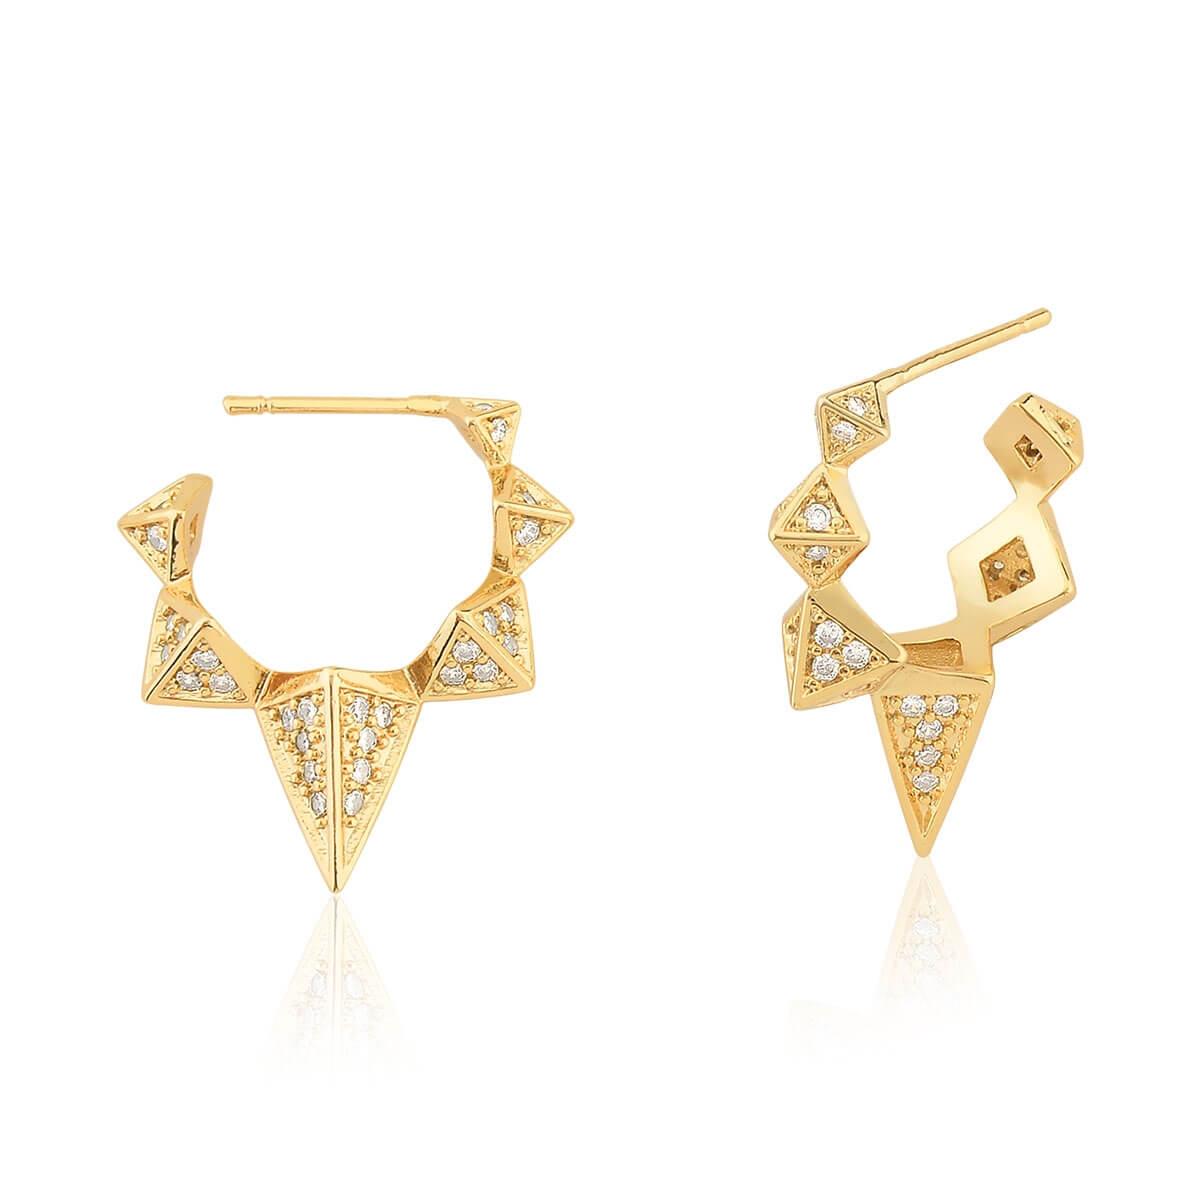 Meia Argola com triângulos com zircônias cravejadas banhada em ouro 18k